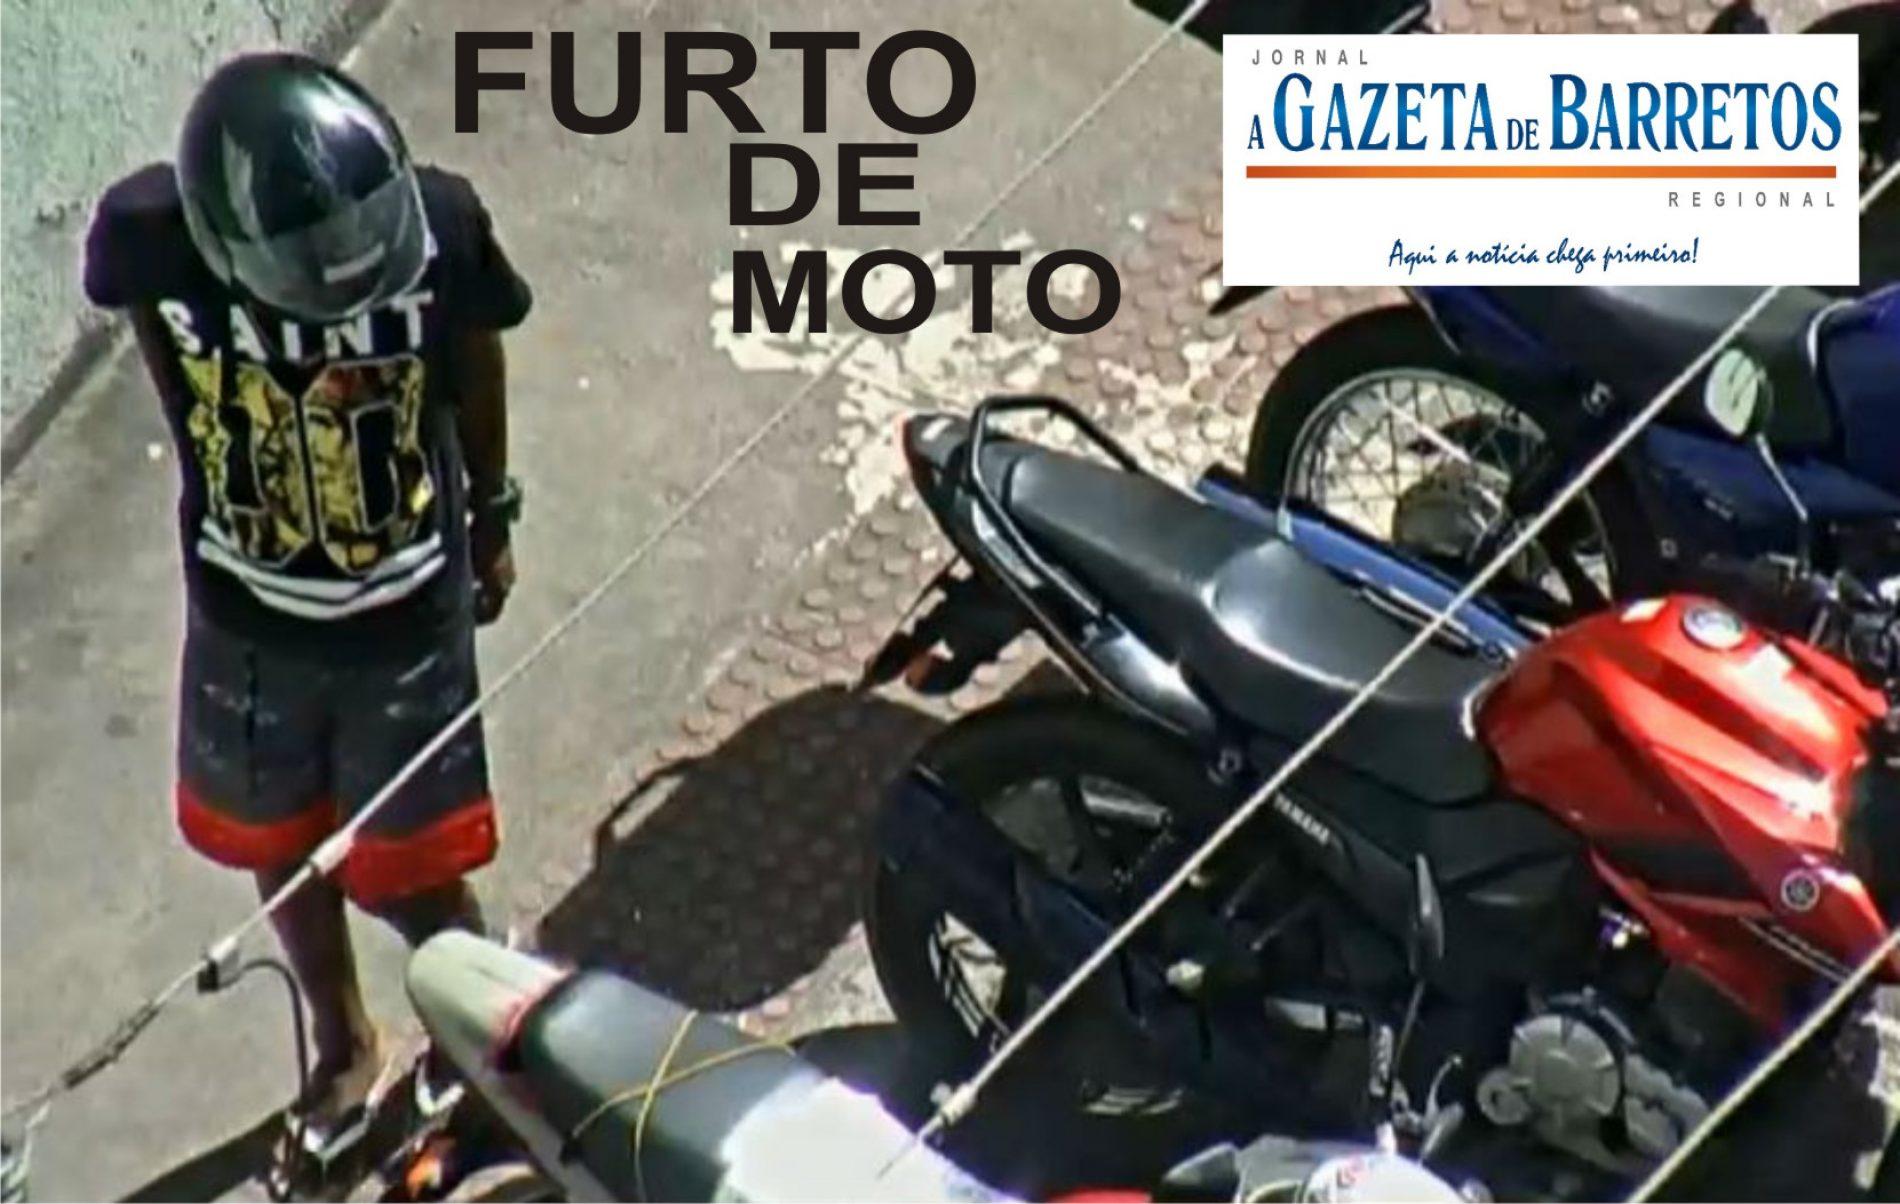 Furto de moto no Distrito Industrial II